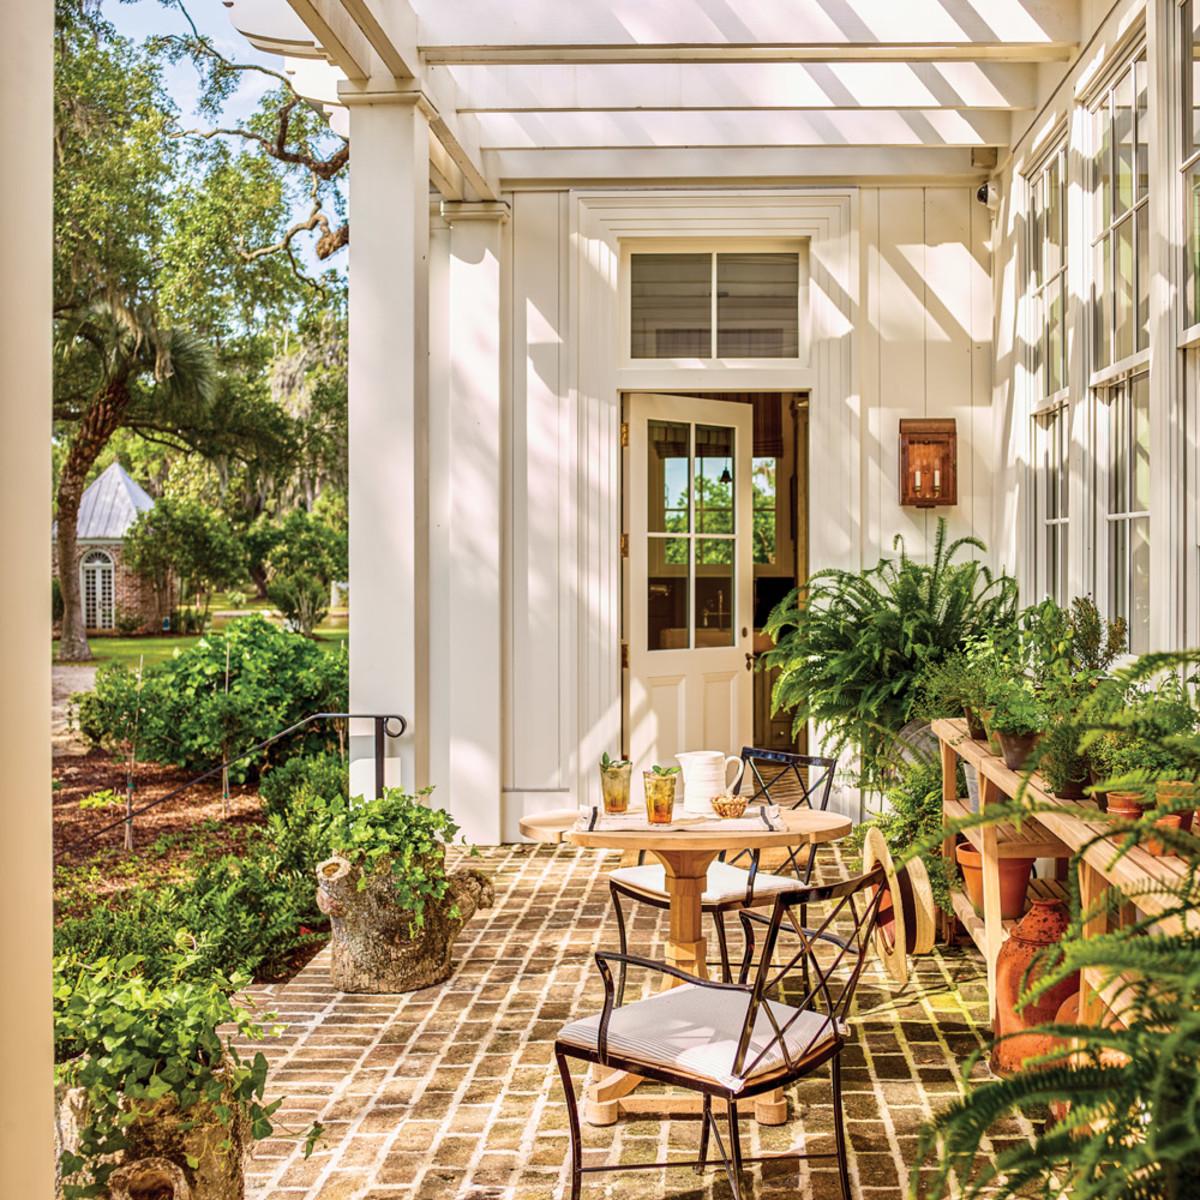 Greek Revival outdoor patio